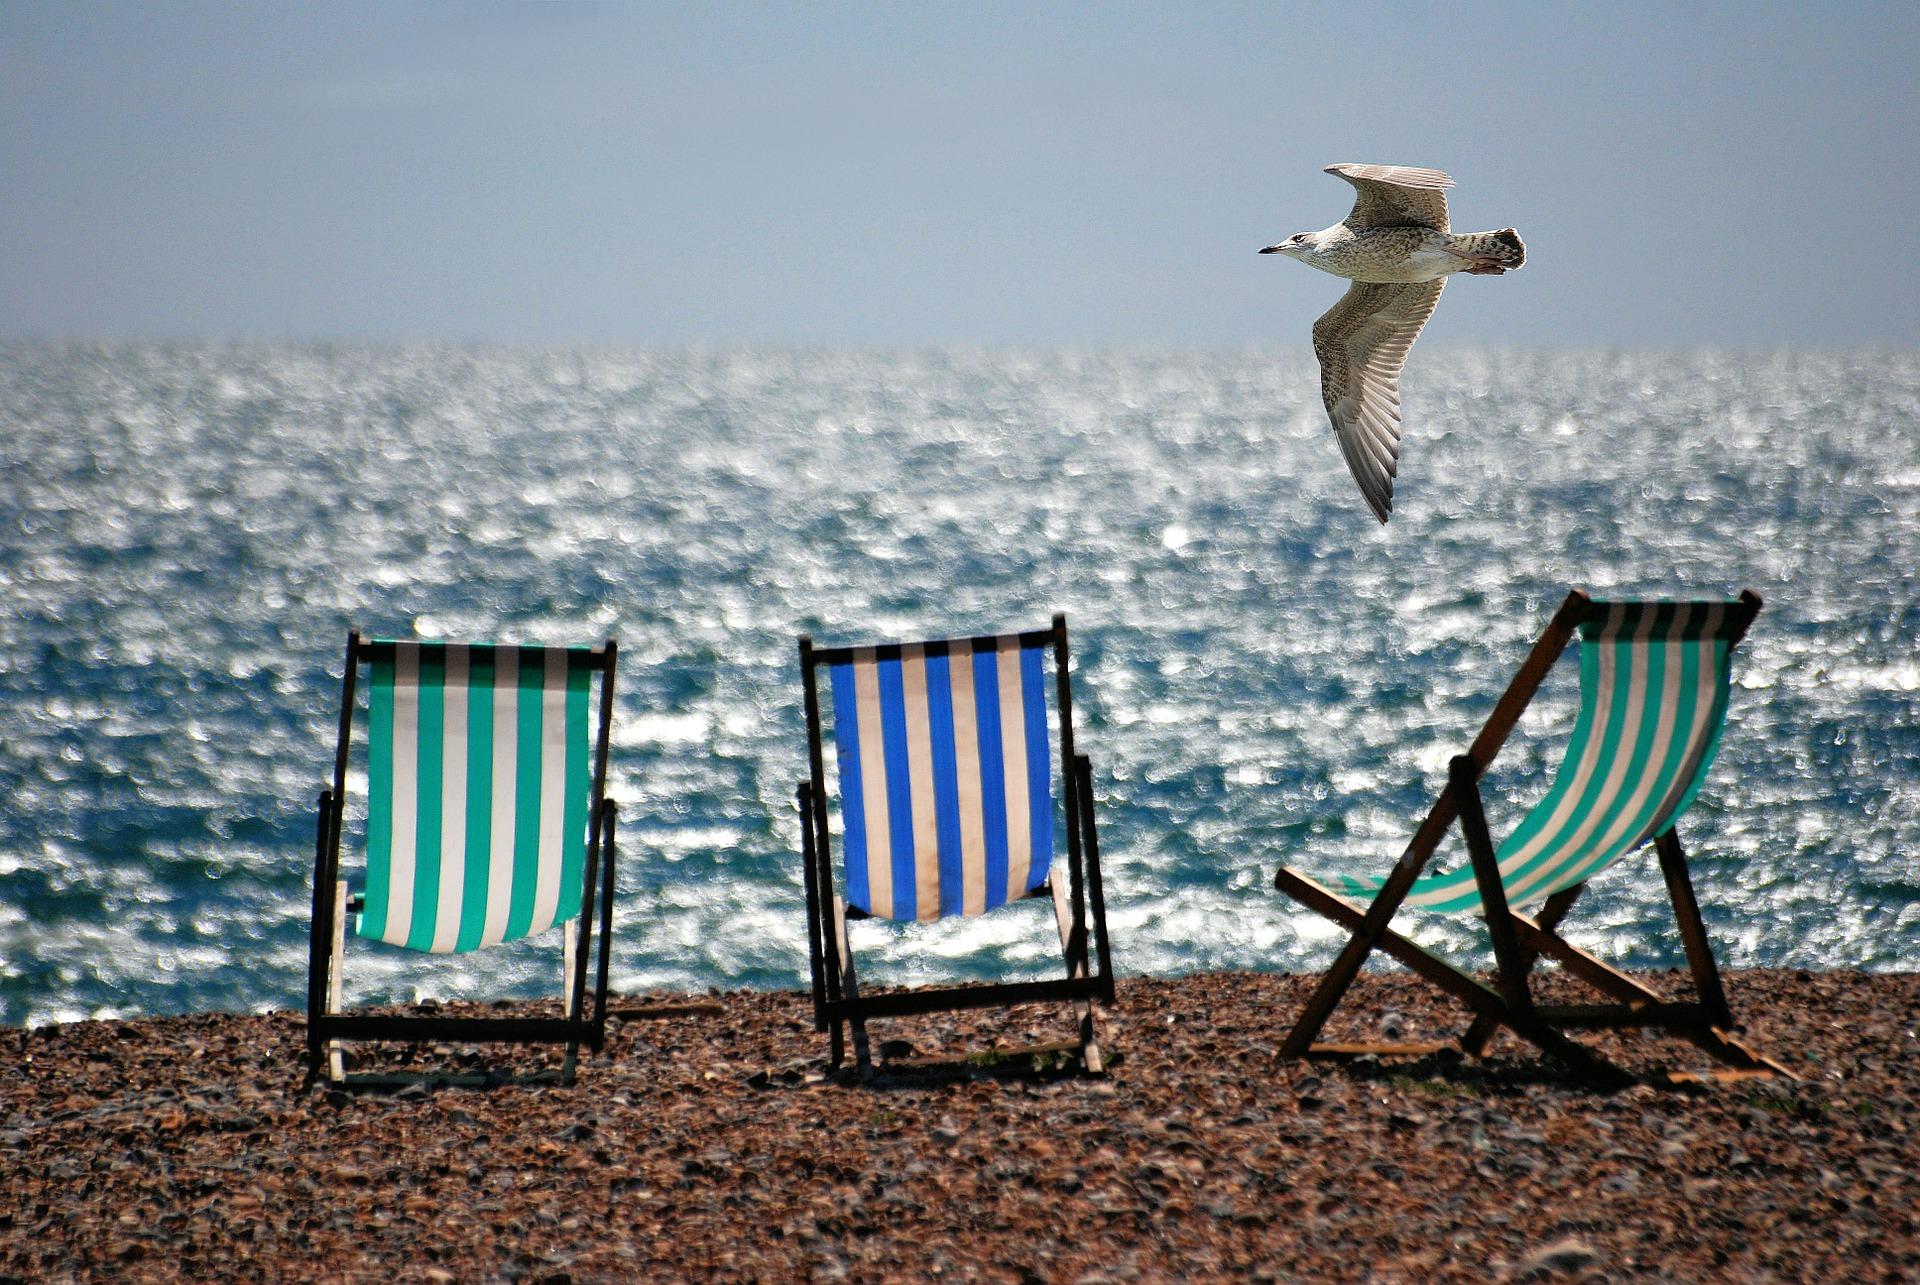 Užijte si léto bez nemocí